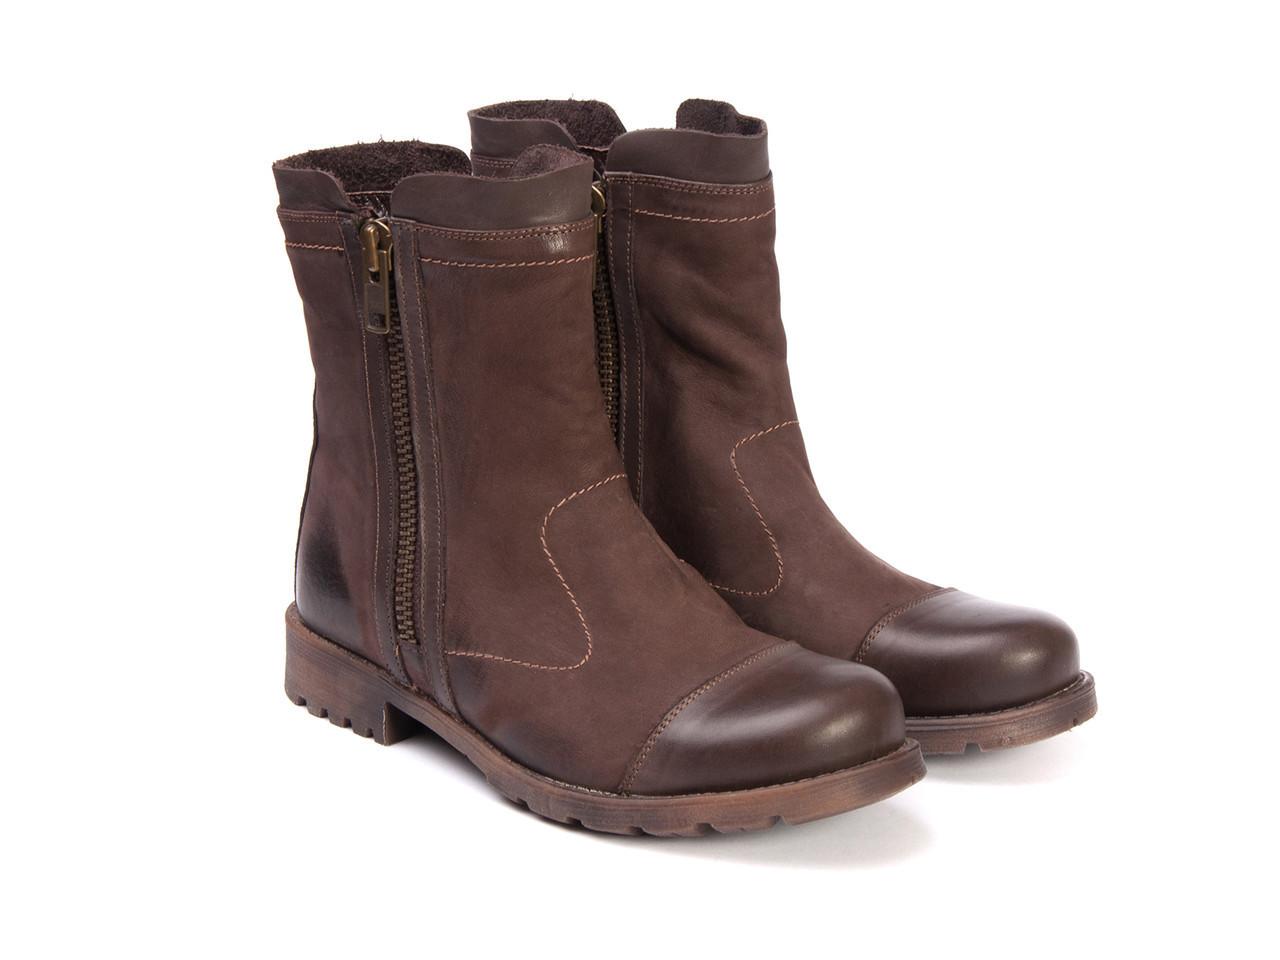 Сапоги  Etor 10074-3410 44 коричневые